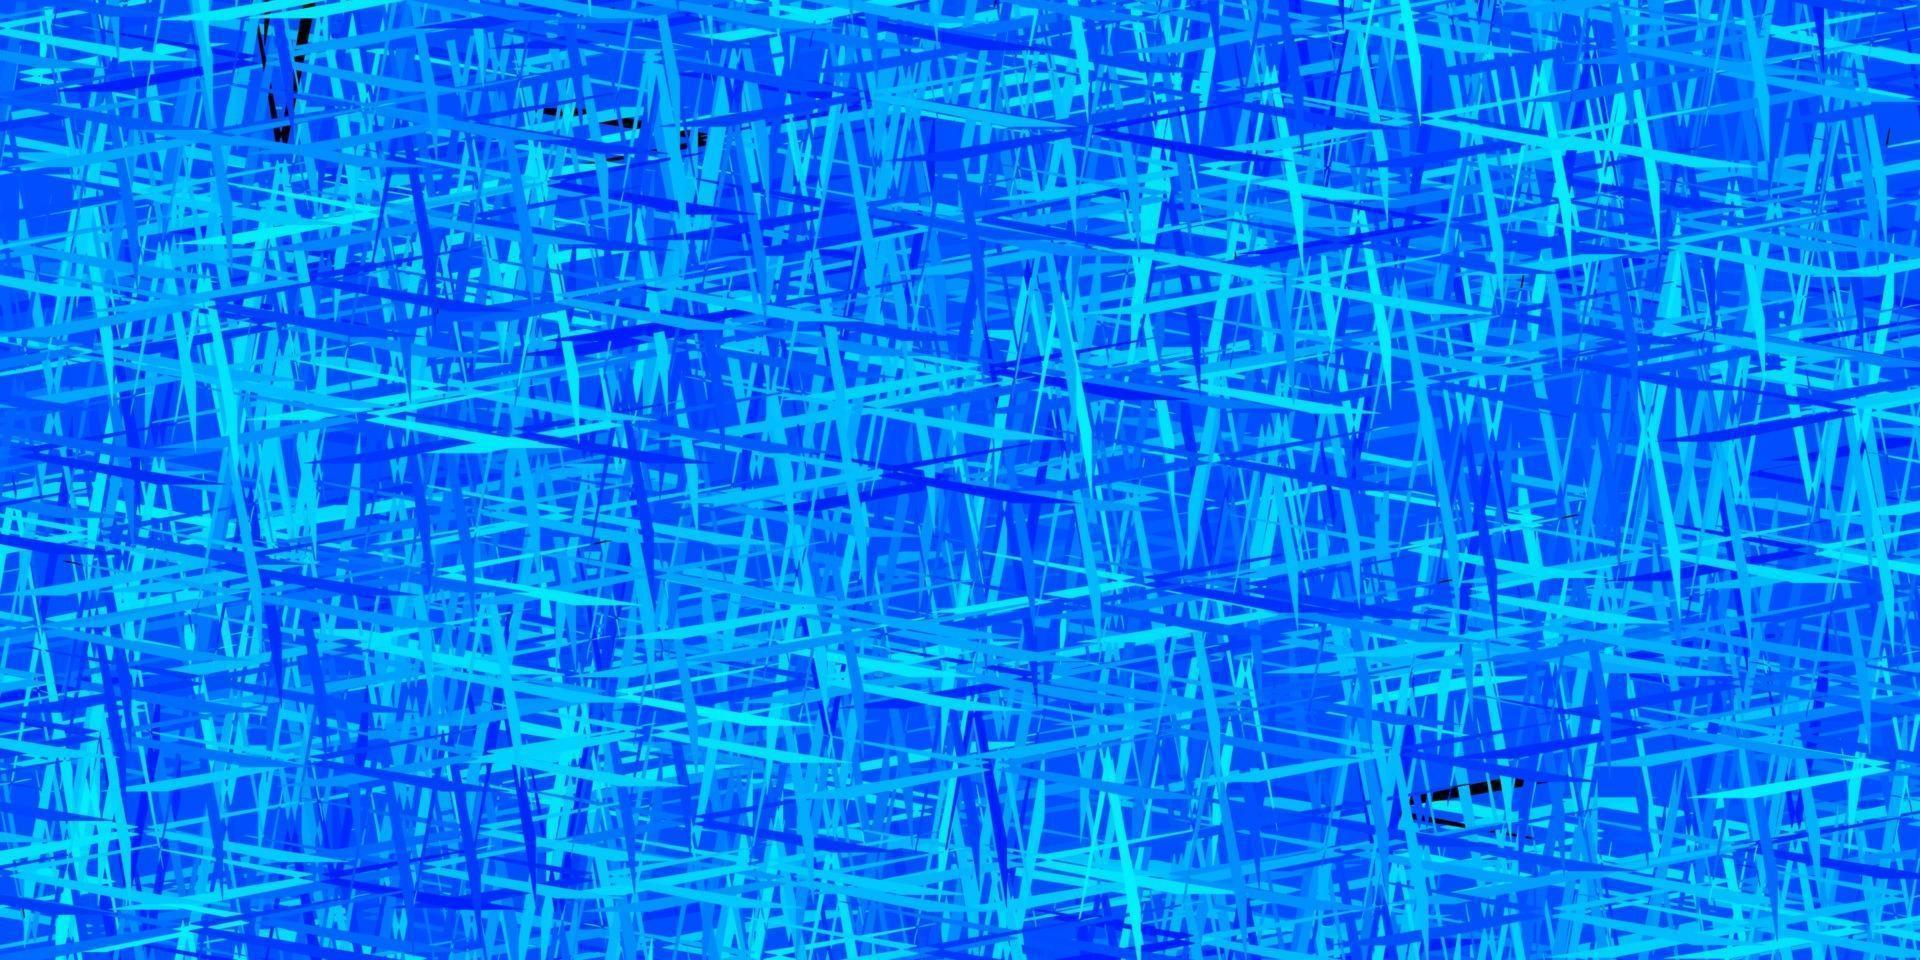 mörkblå, röd vektorstruktur med färgade linjer. vektor